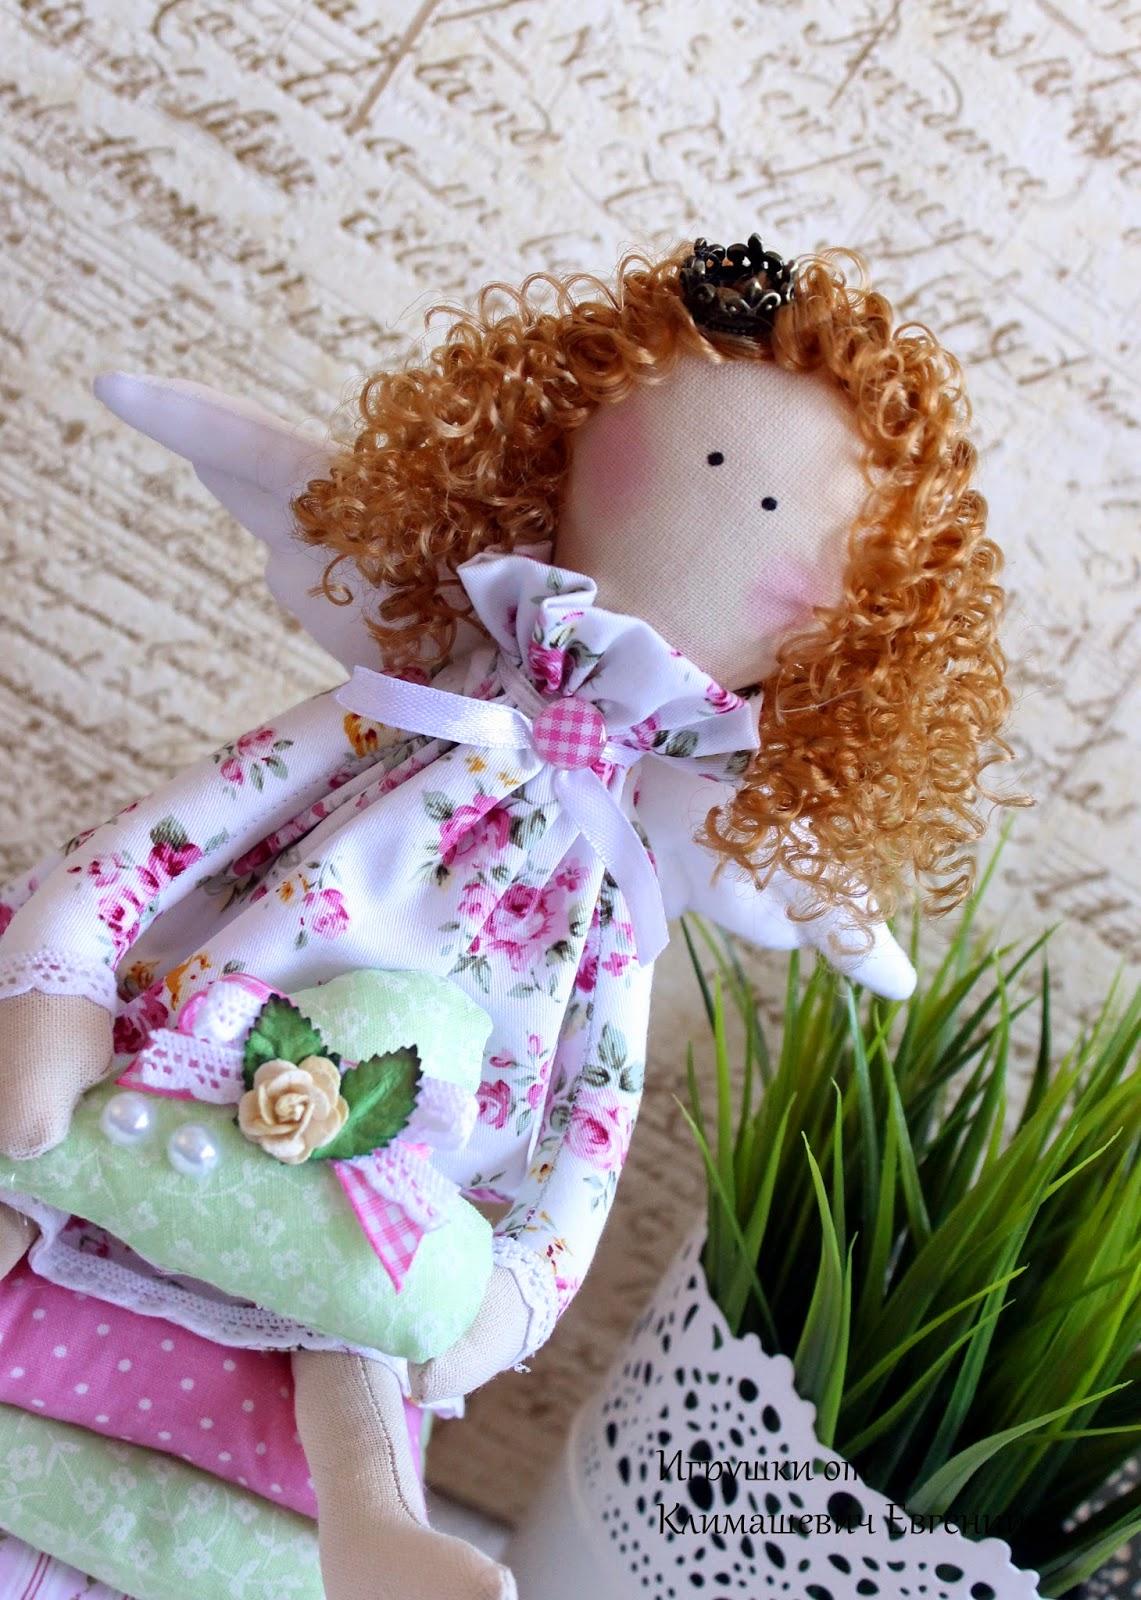 тильда, кукла тильда, рукоделие, кукла ручной работы, подарок к 8 марта, подарок, подарок девушке, подарок девочке, кукла тильда, фея, ангел, тильда ангел, тильда фея, текстильная кукла, интерьерная кукла, интерьерная игрушка, принцесса, принцесса на горошине, авторская игрушка, тильда принцесса